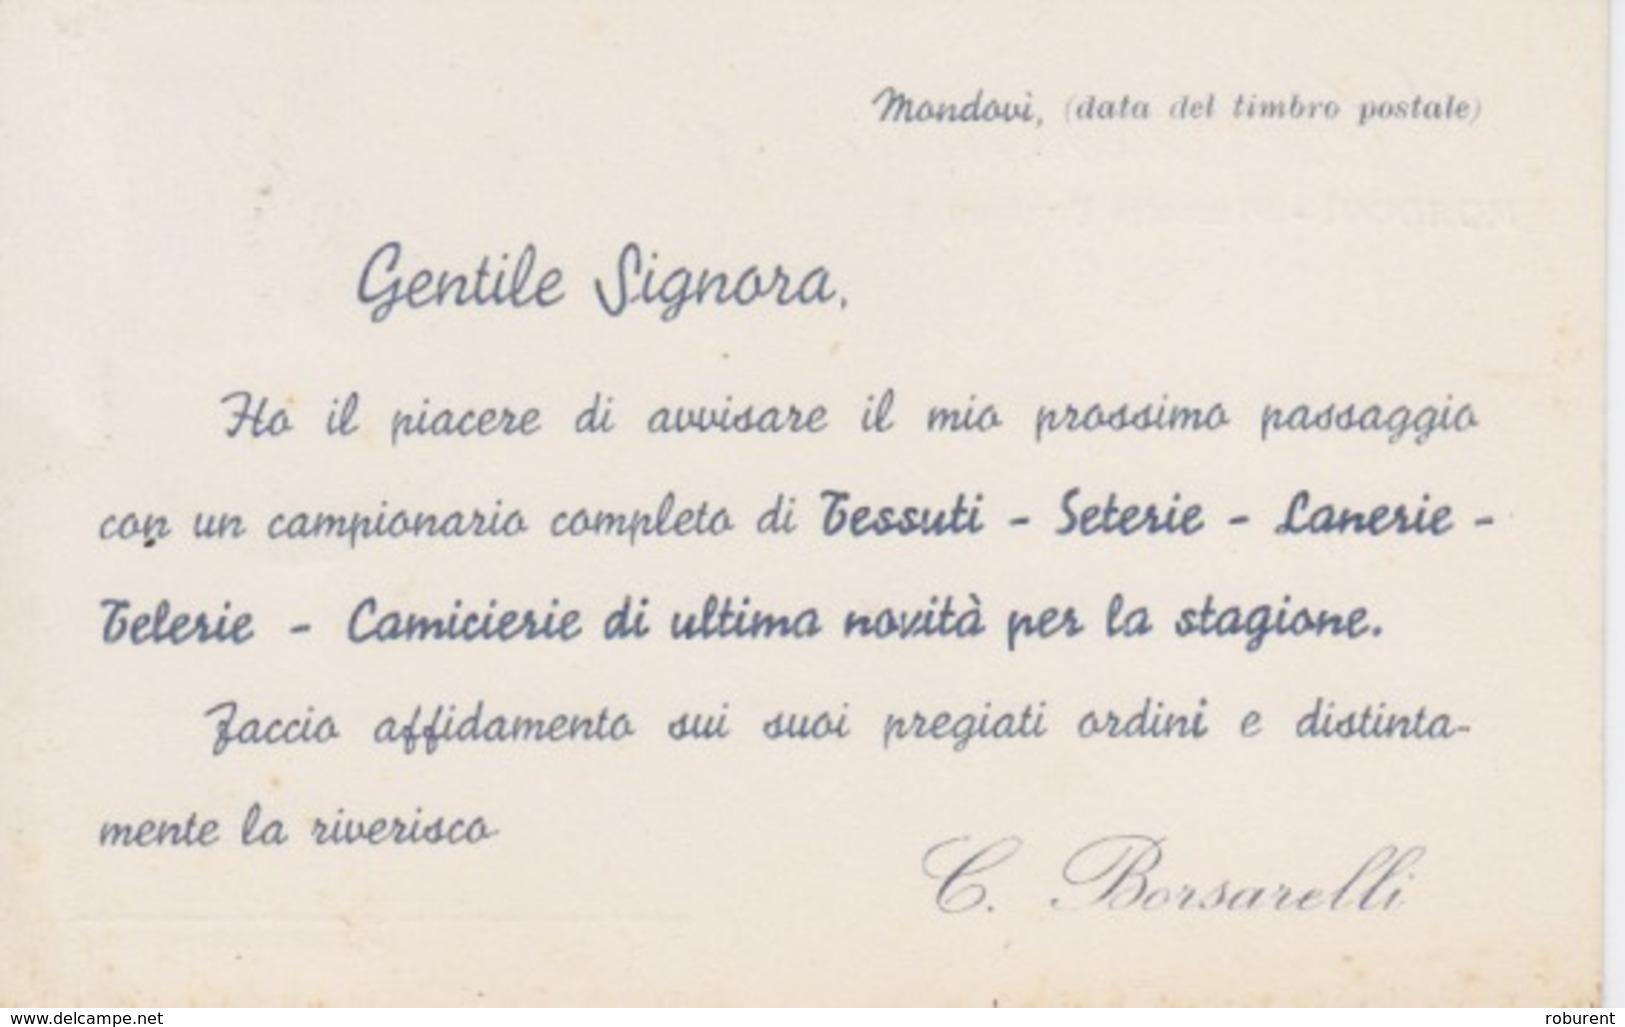 """MONDOVI' (CUNEO) - """"C. BORSARELLI TESSUTI - SETERIE - LANERIE - TELERIE - CAMICIERIE DI ULTIMA NOVITA' PER LA STAGIONE"""" - Pubblicitari"""